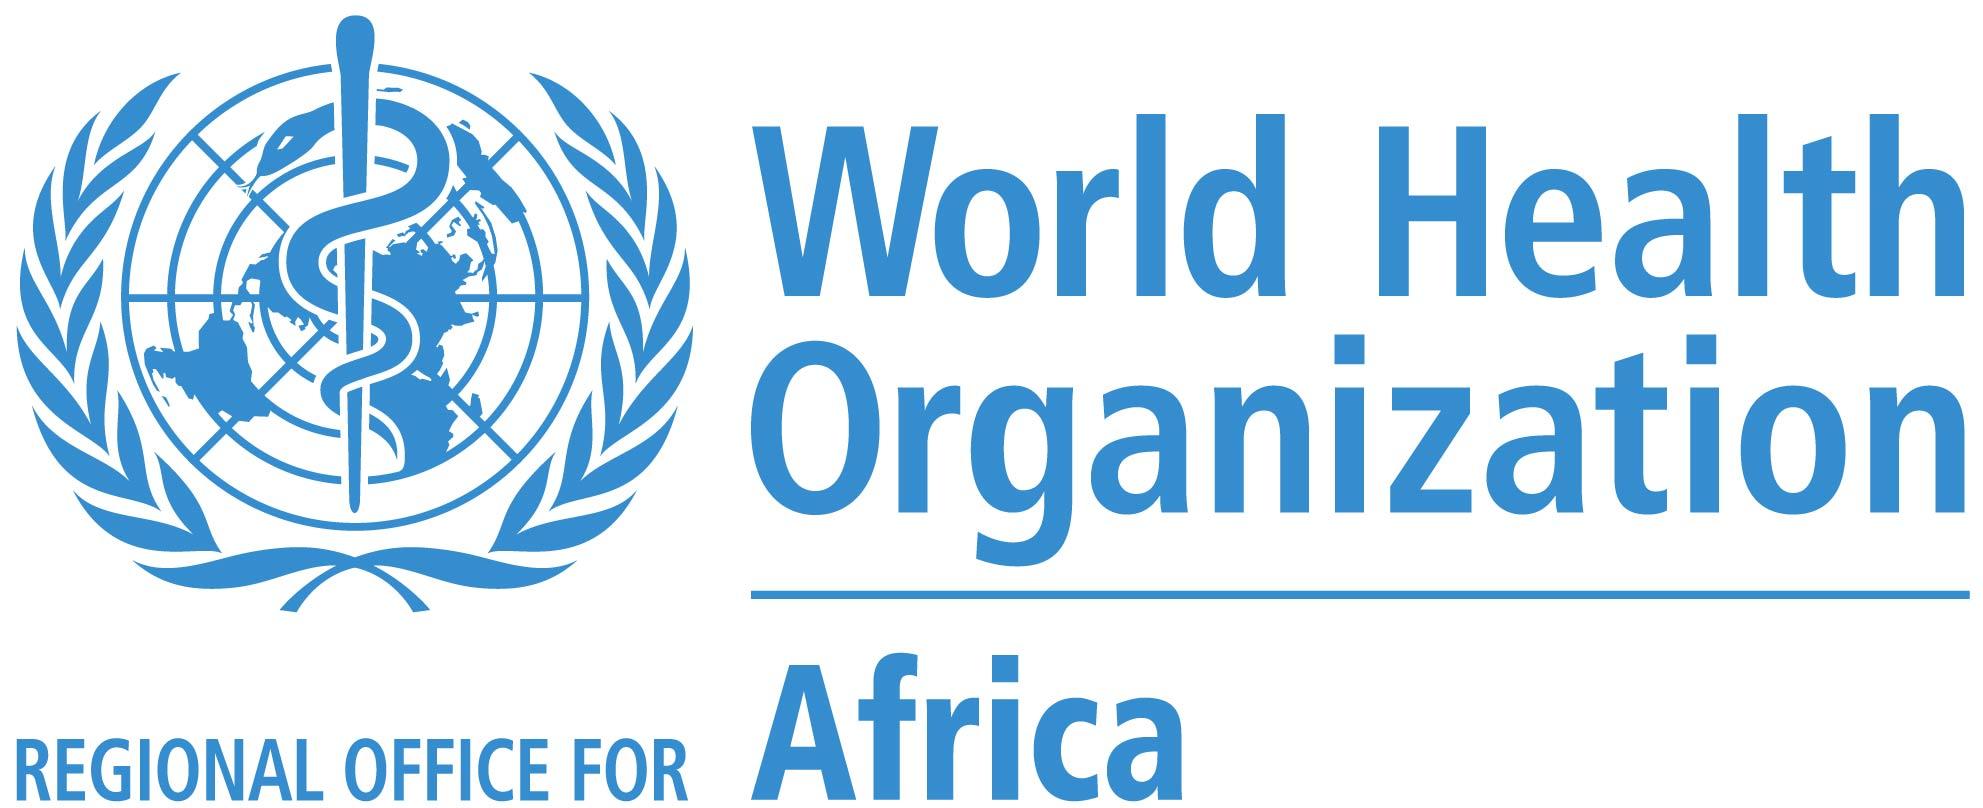 WHO AFRO logo.jpg